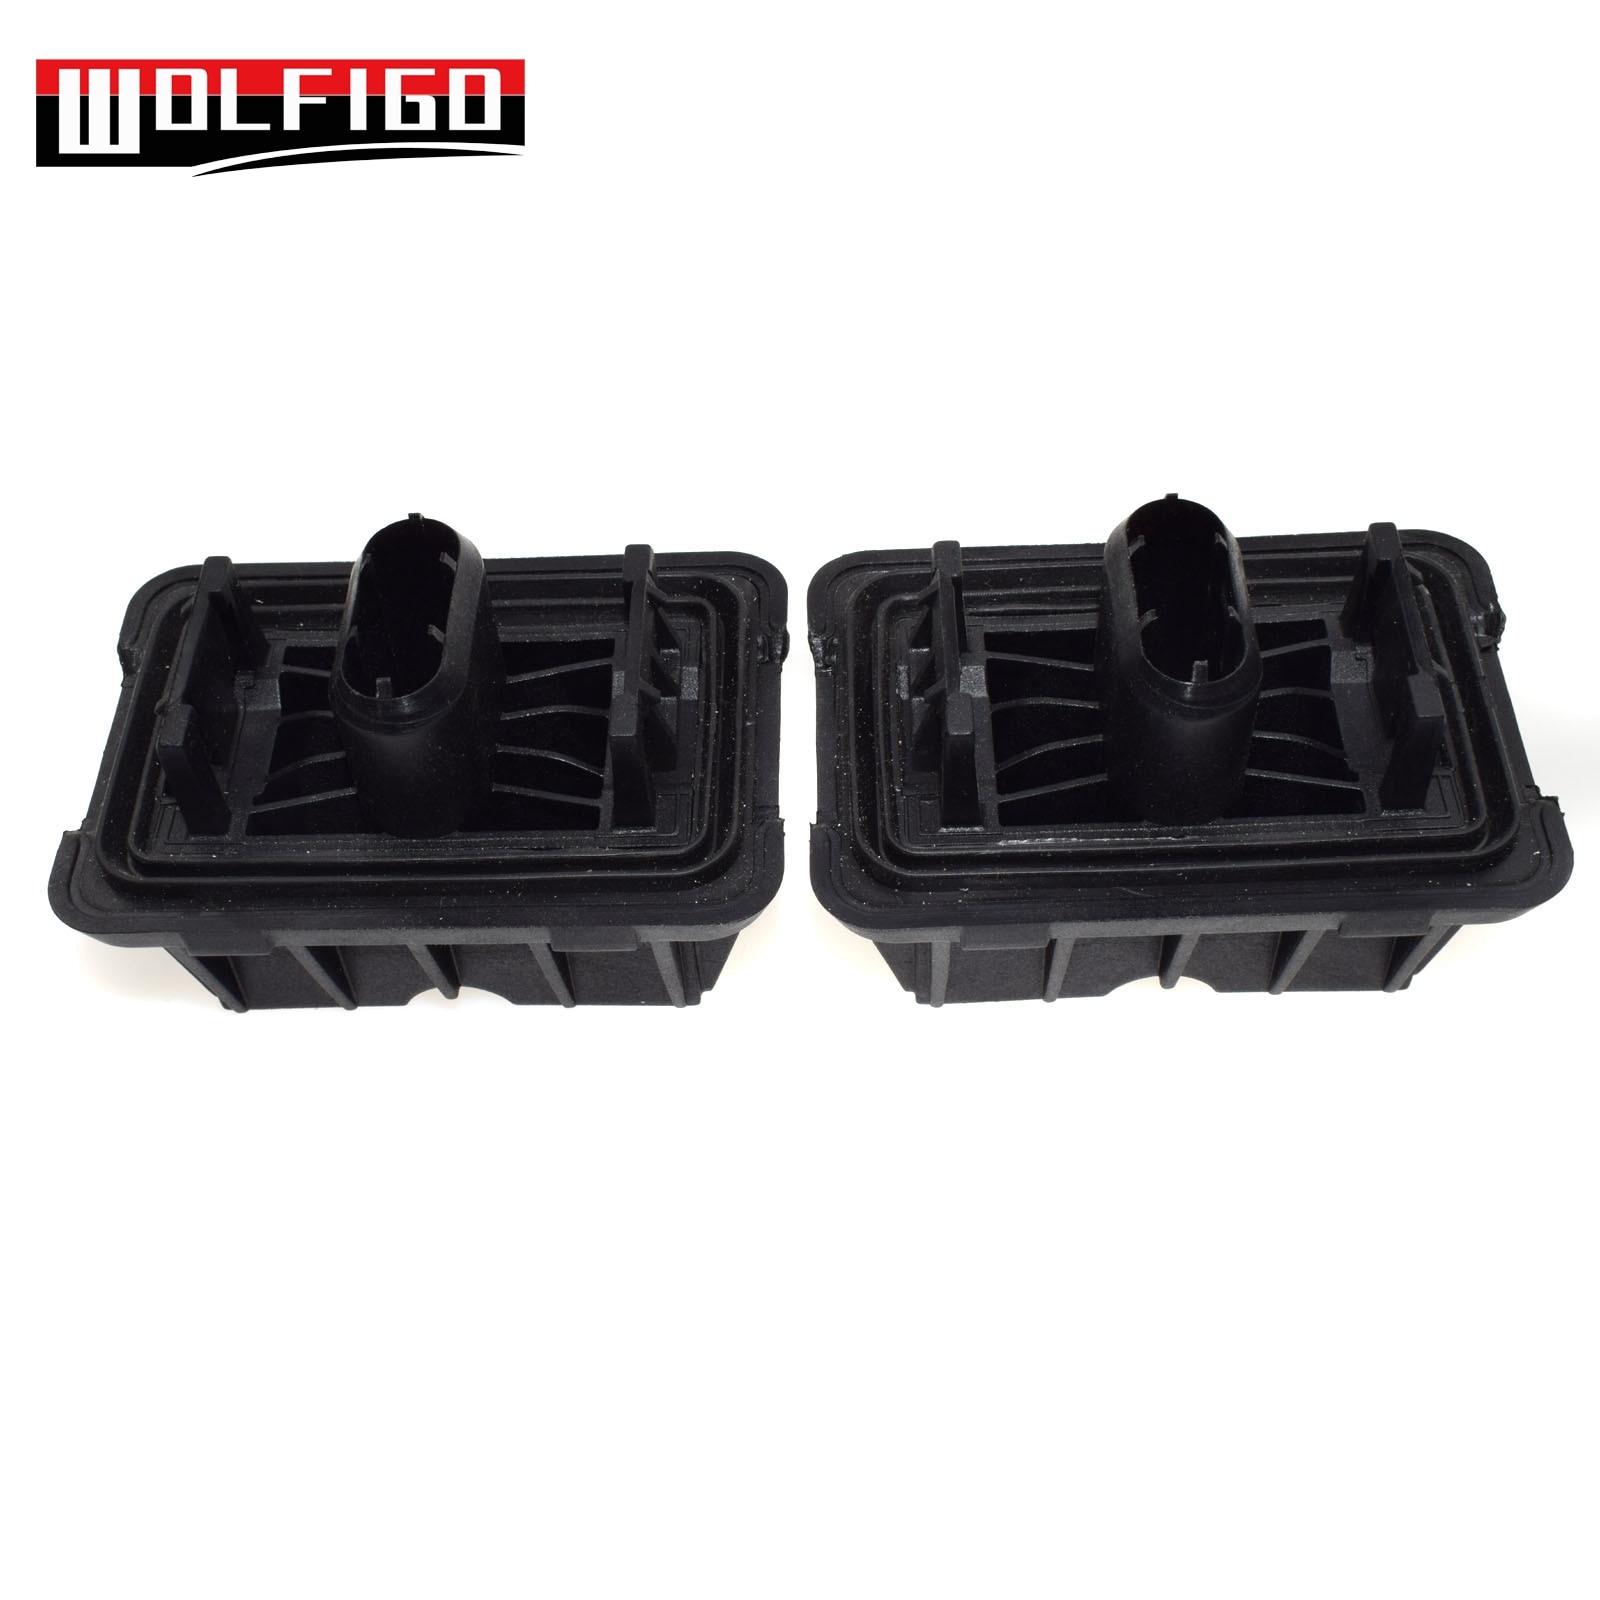 WOLFIGO Set 2 STUKS Voor BMW E82 E90 Jack Pads Onder Auto Ondersteuning Voor Lifting Auto 51717237195 Nieuwe